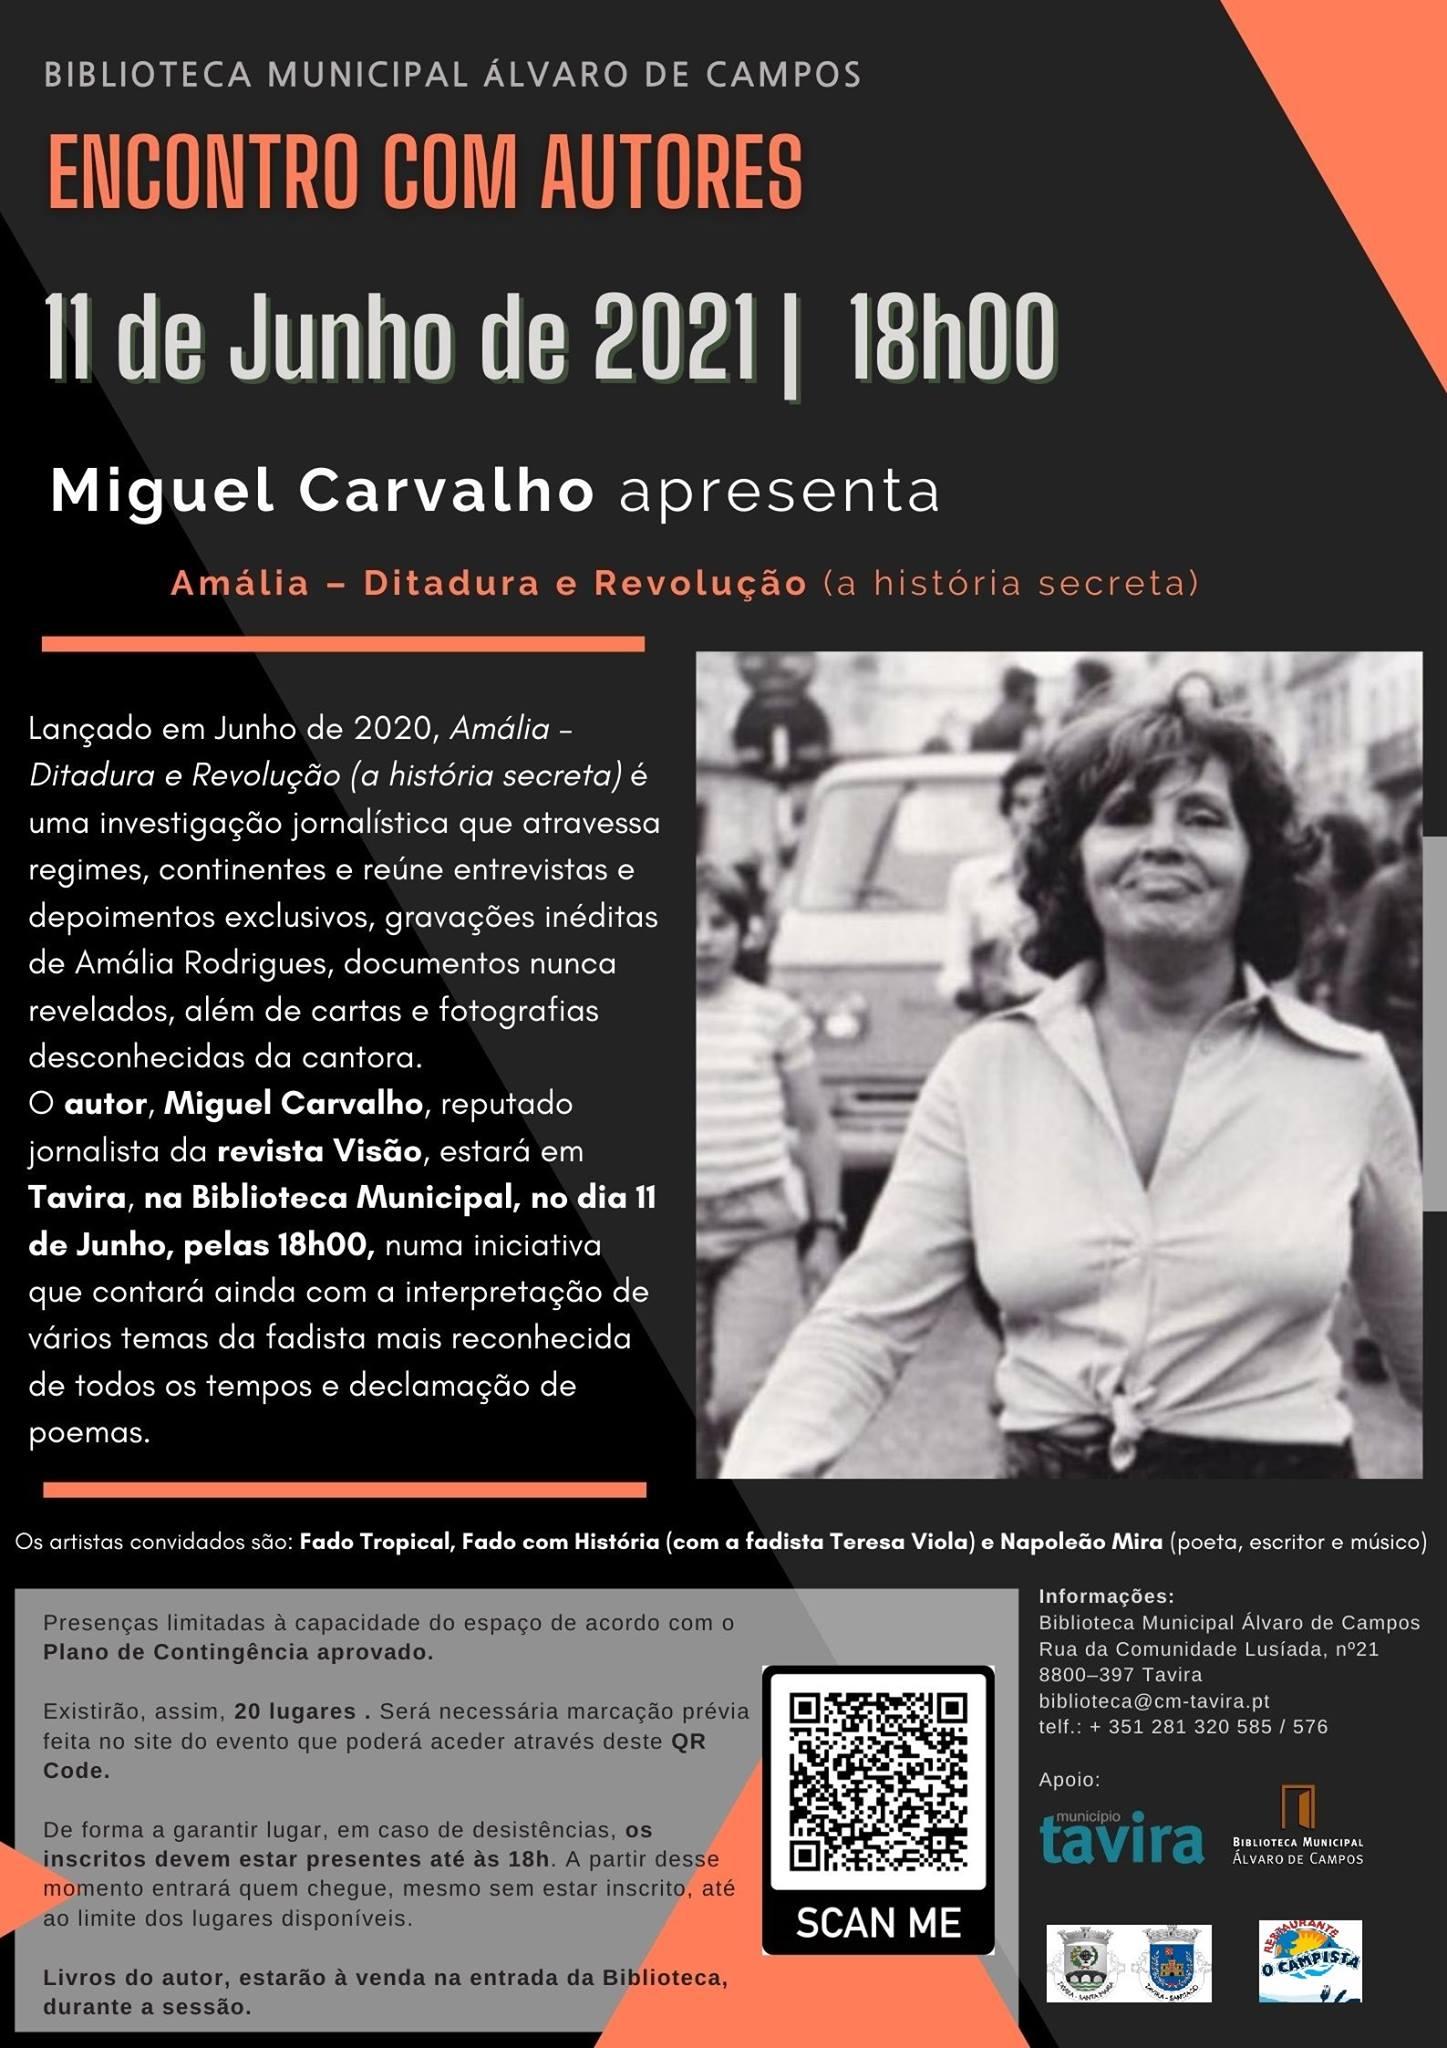 ENCONTROS COM AUTORES | Miguel Carvalho apresenta 'Amália - Ditadura e Revolução (a história secreta